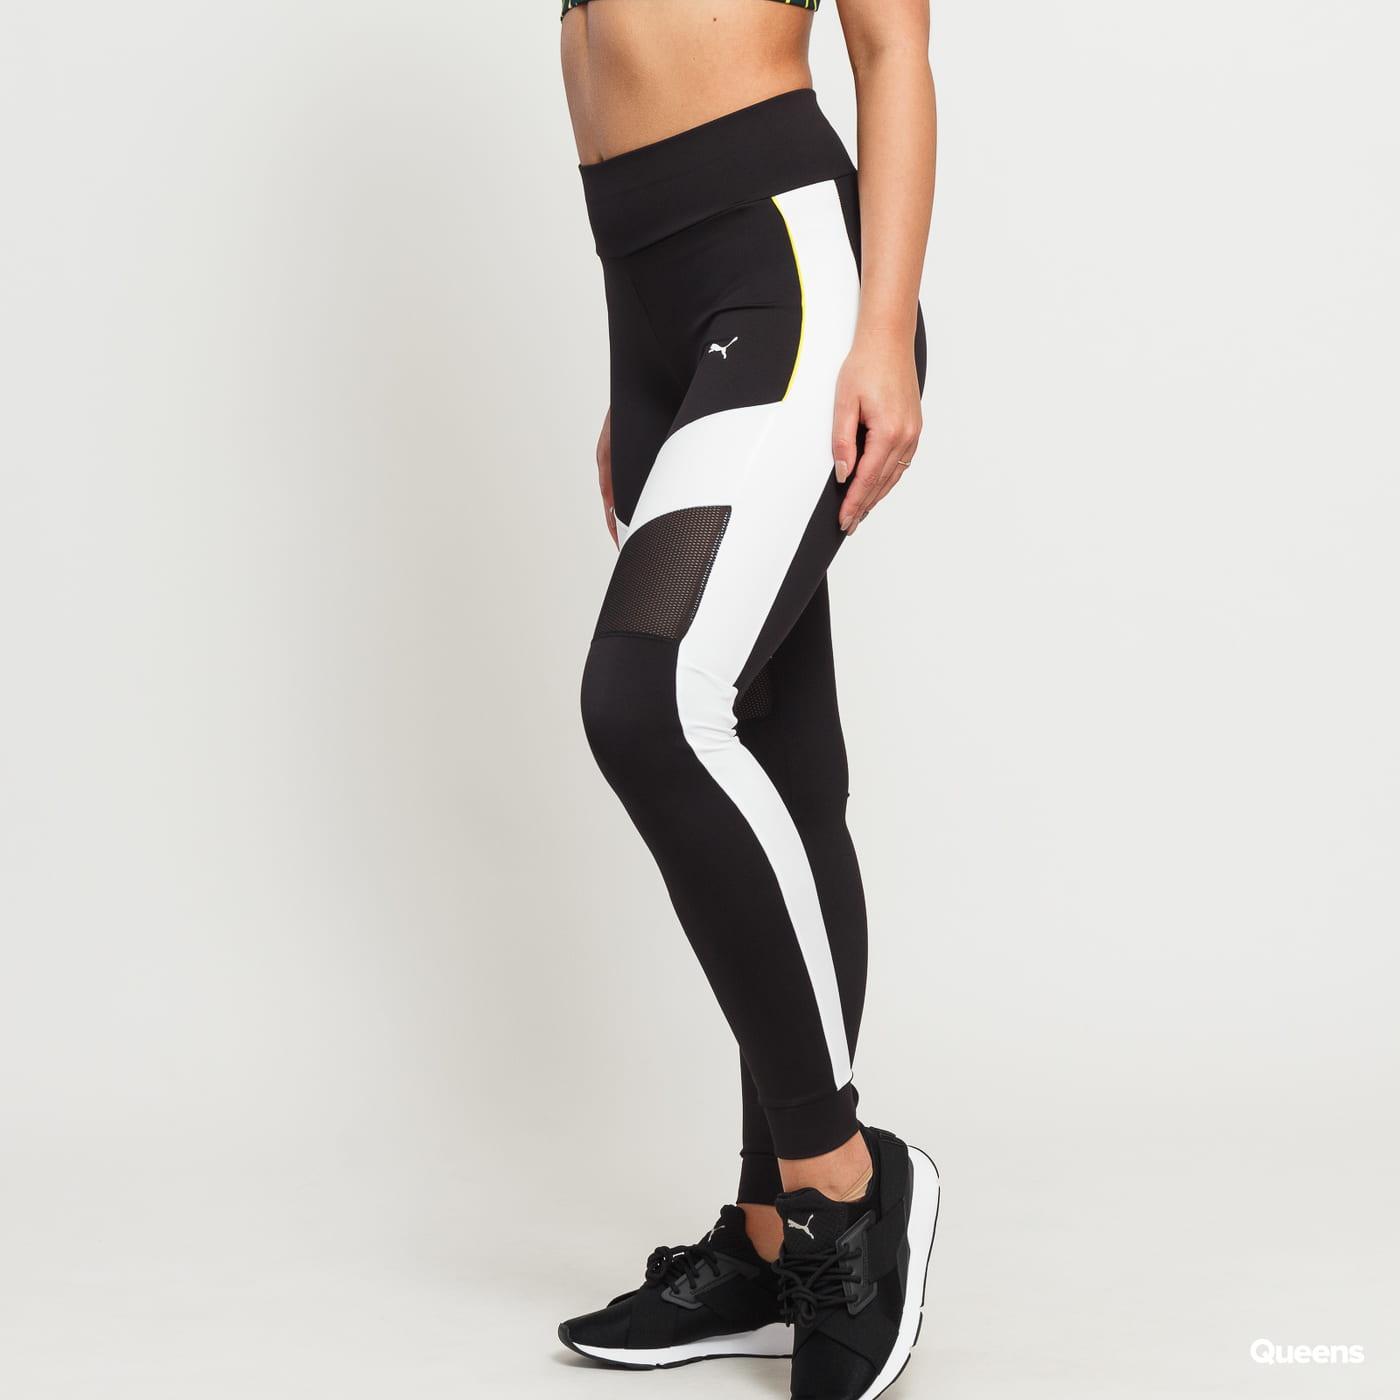 8740ae3770f8b Leggings Puma Chase Legging black / white (578013 01) – Queens 💚